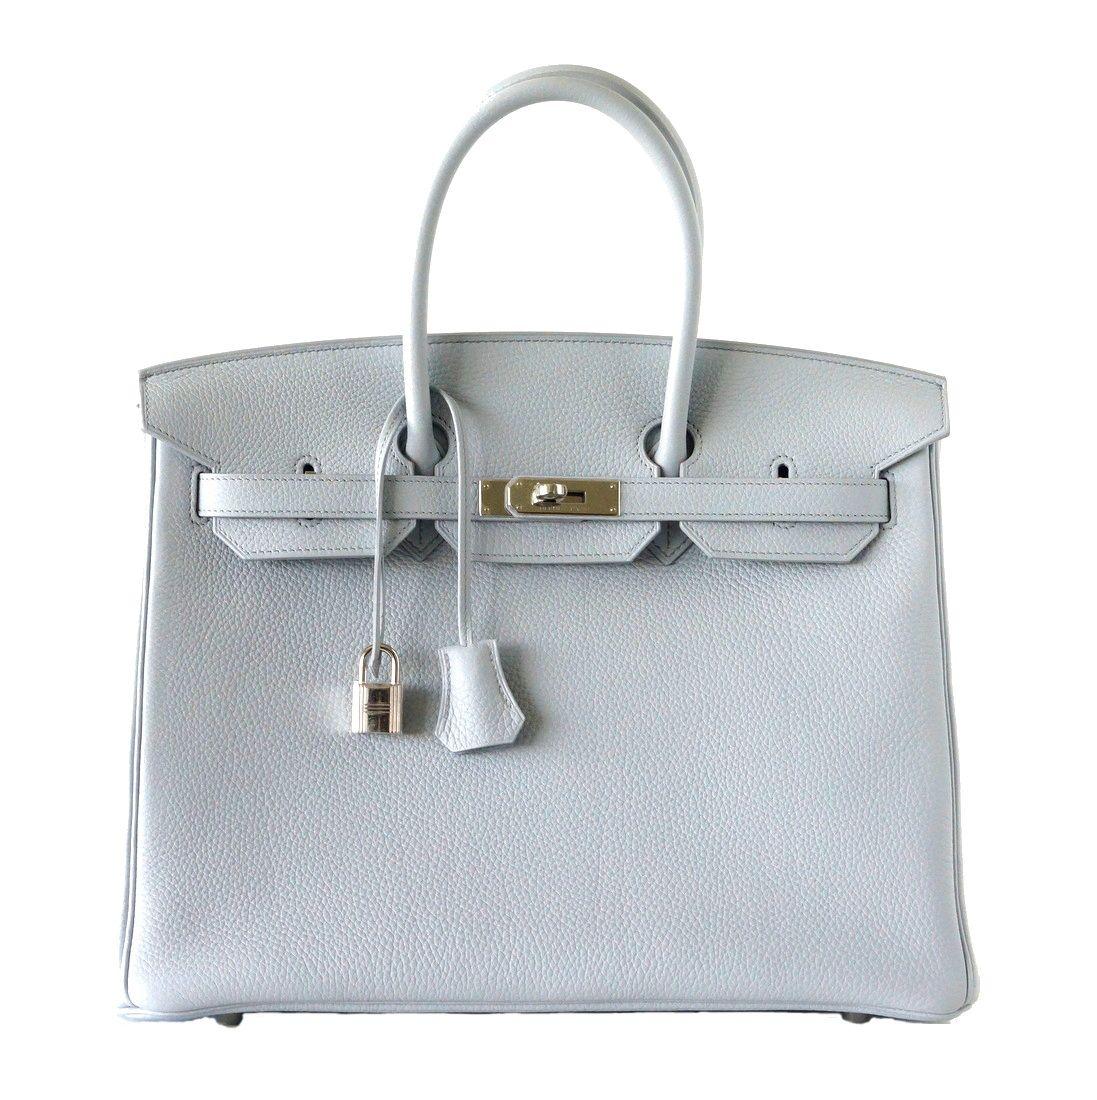 baf56fef01a6 Hermes Birkin Bag 35 Exquisite Bleu Pale Palladium Hardware  hermes ...